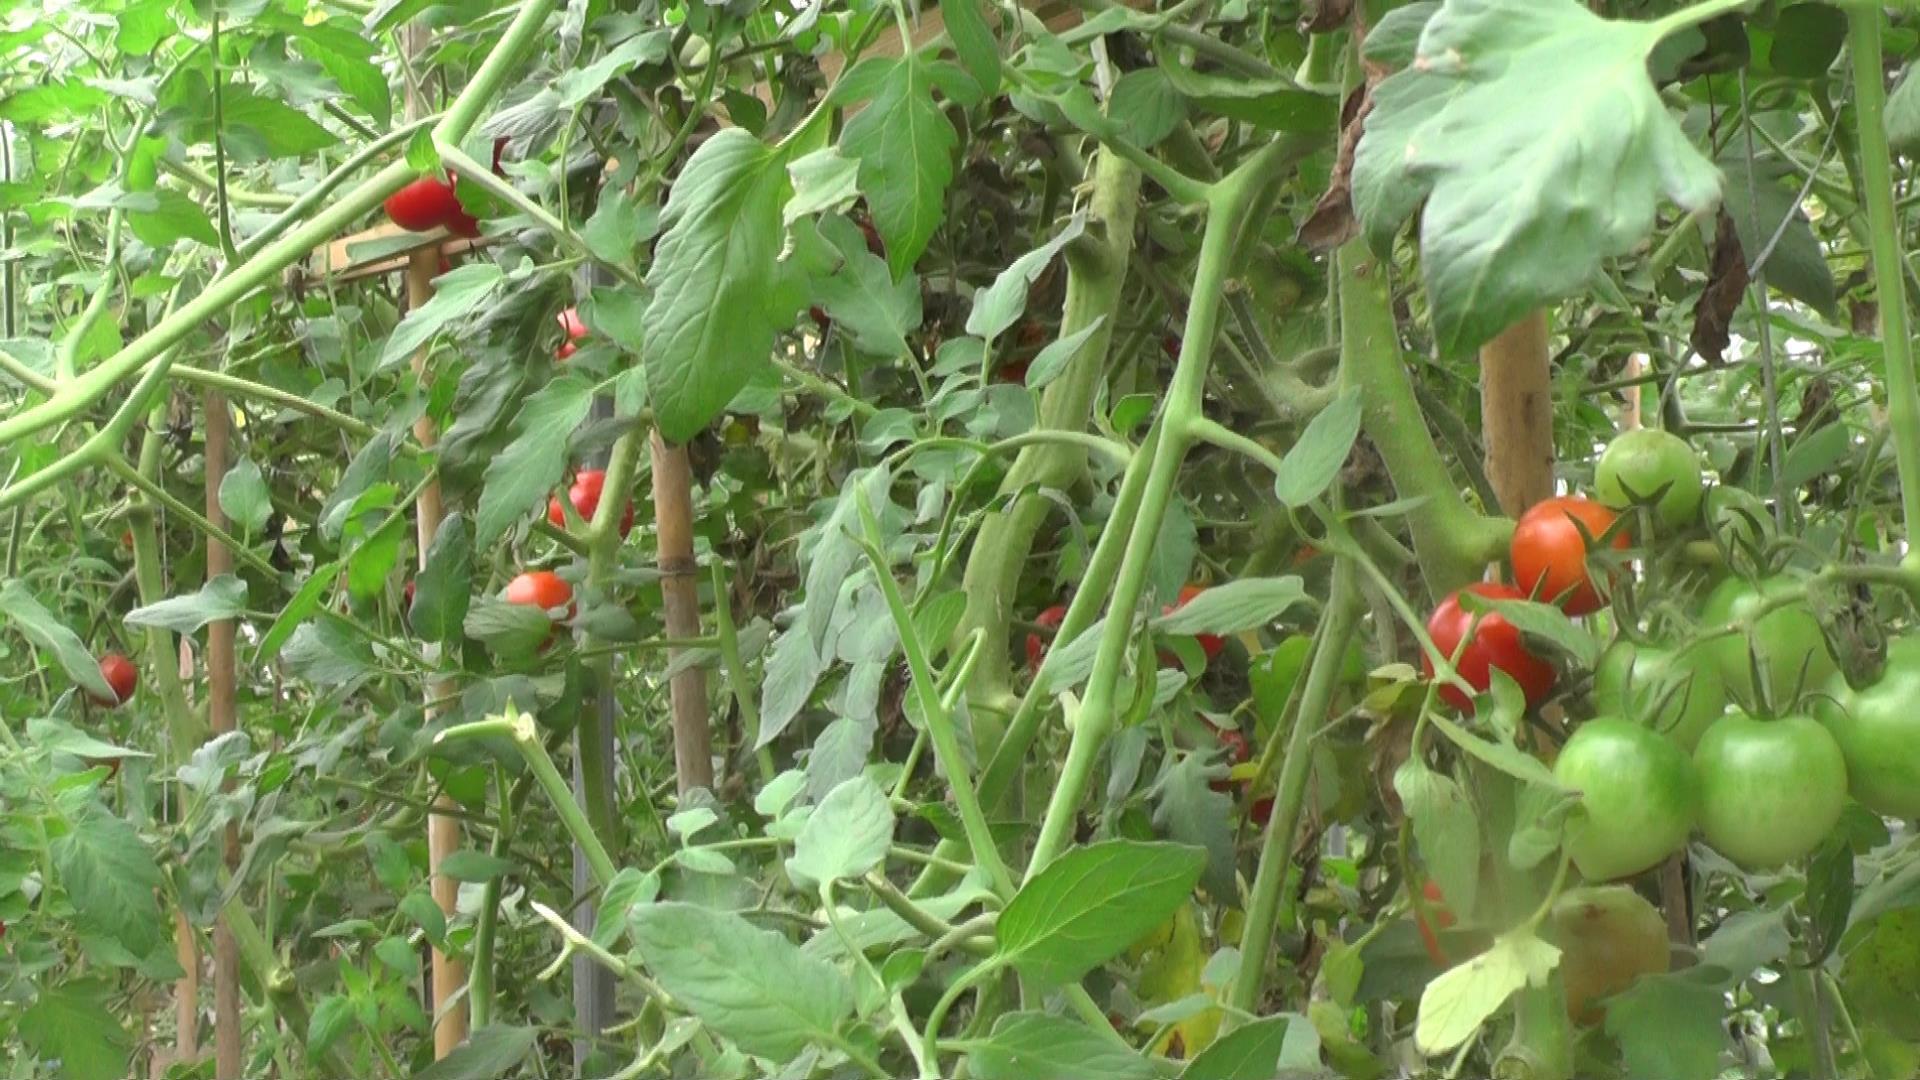 「のぶりんトマト」の甘い謎を解明!?なのだ。_c0259934_15423536.jpg